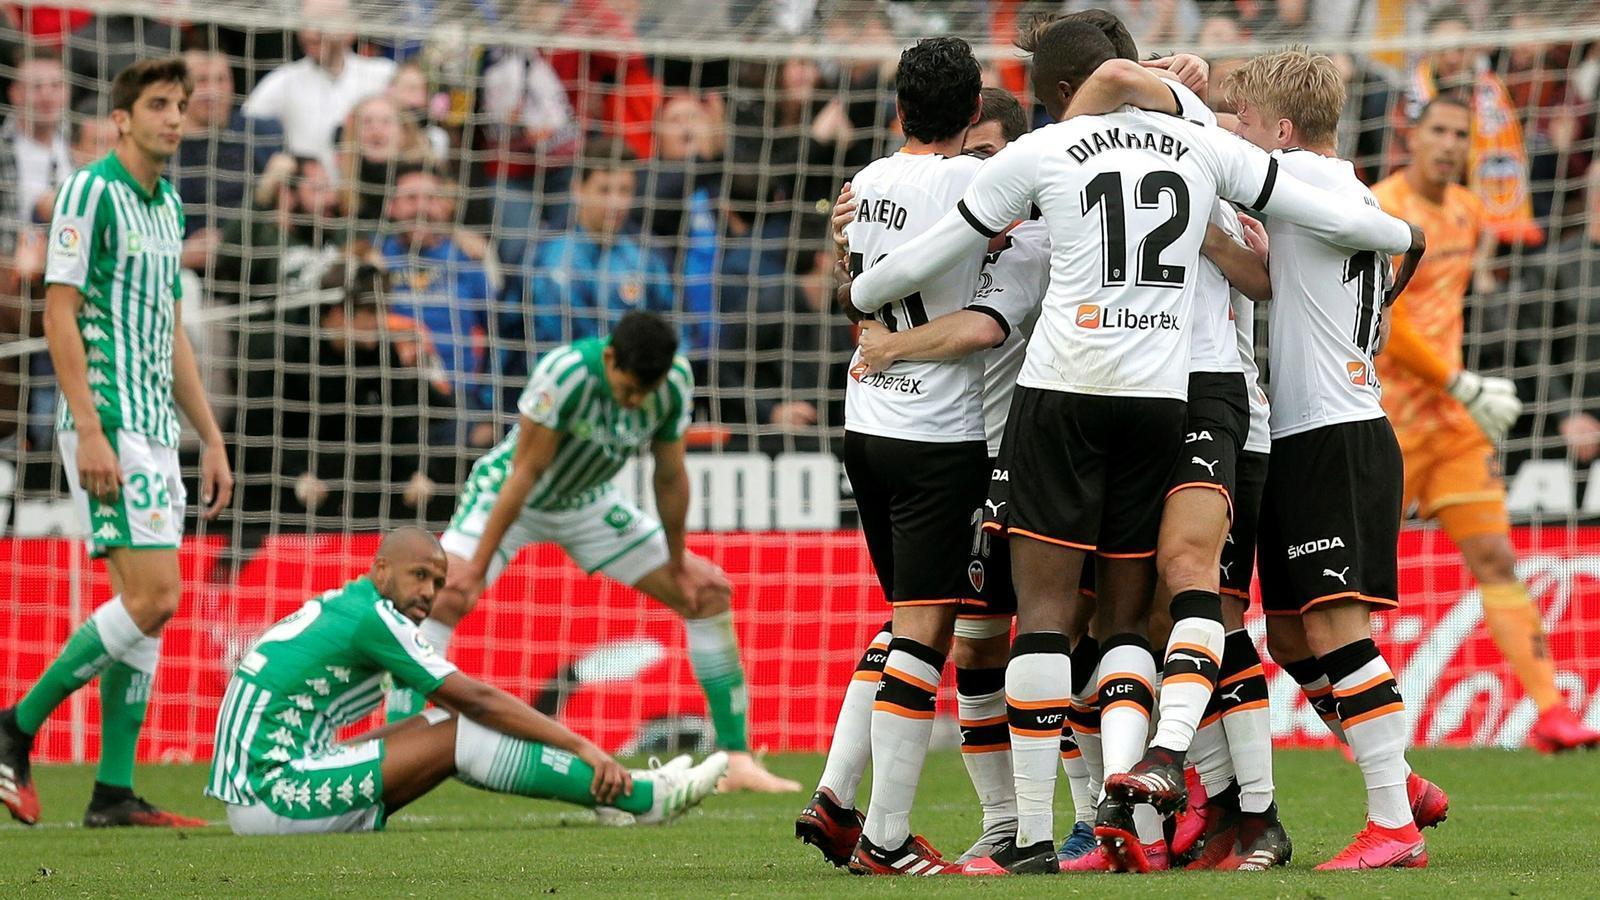 Jugar amistosos i pauses contra la calor: les propostes de la Federació per evitar lesions al futbol